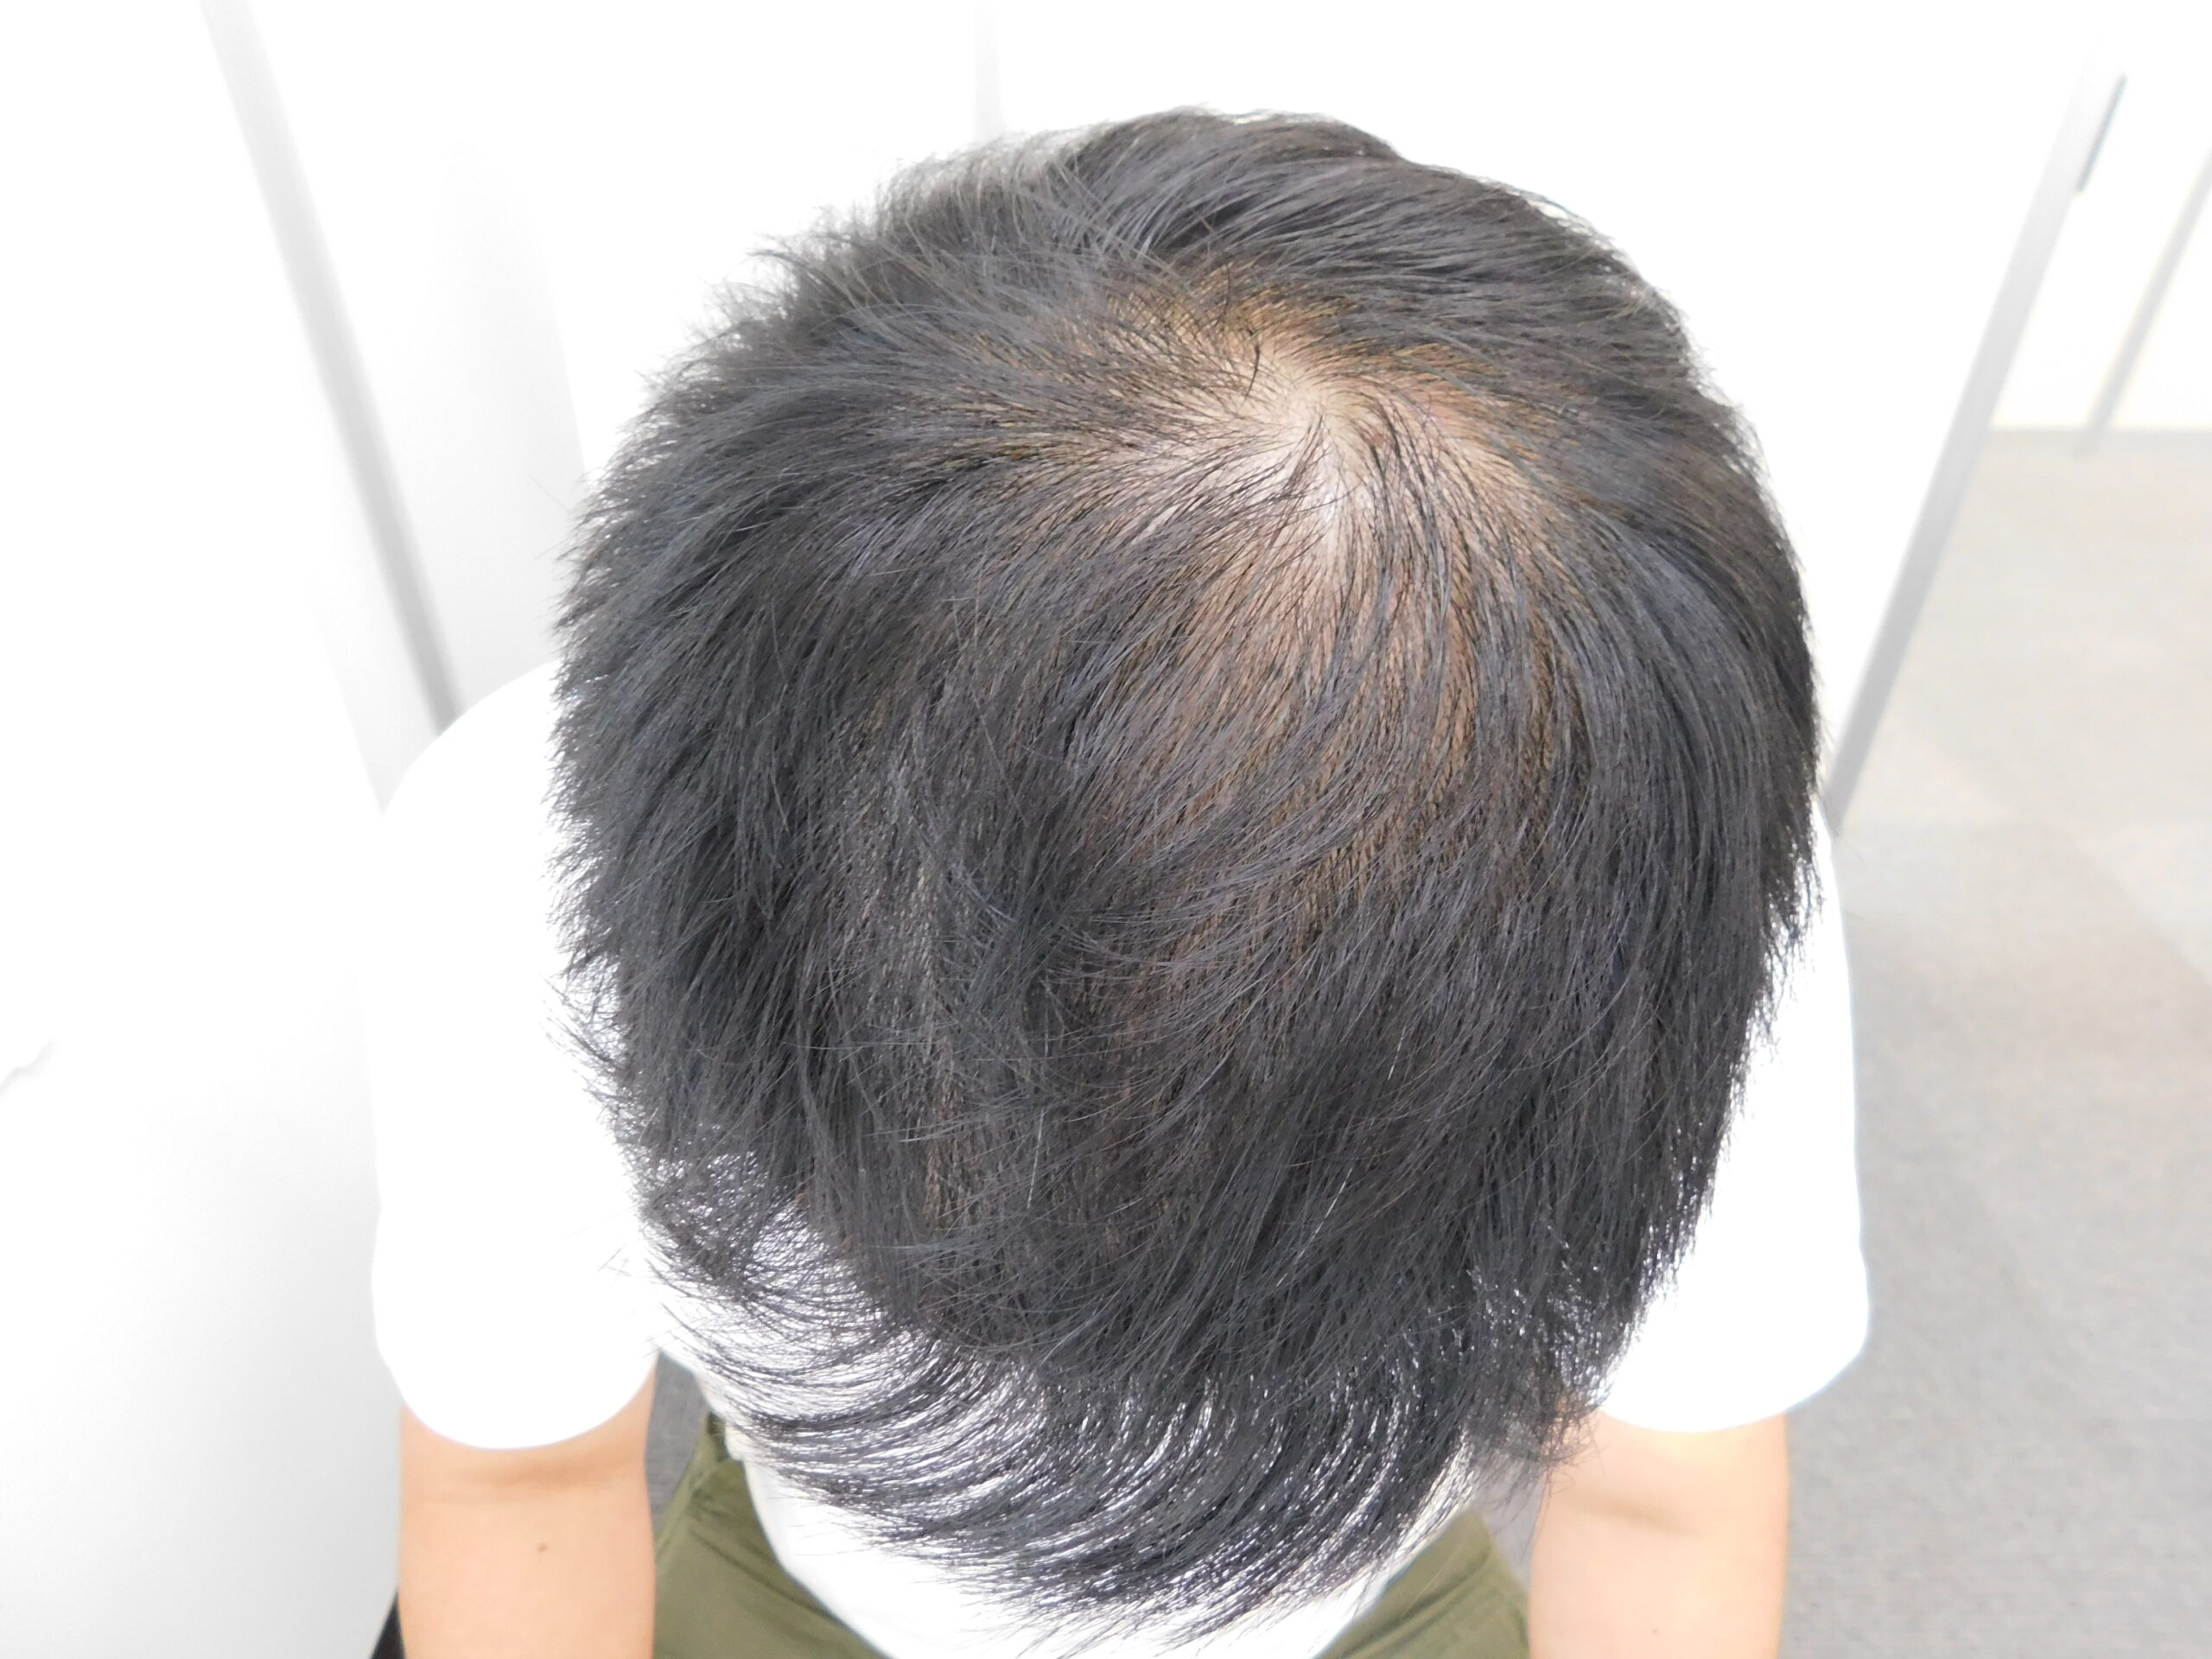 茨城県水戸市の発毛治療事例(40代男性・治療後)